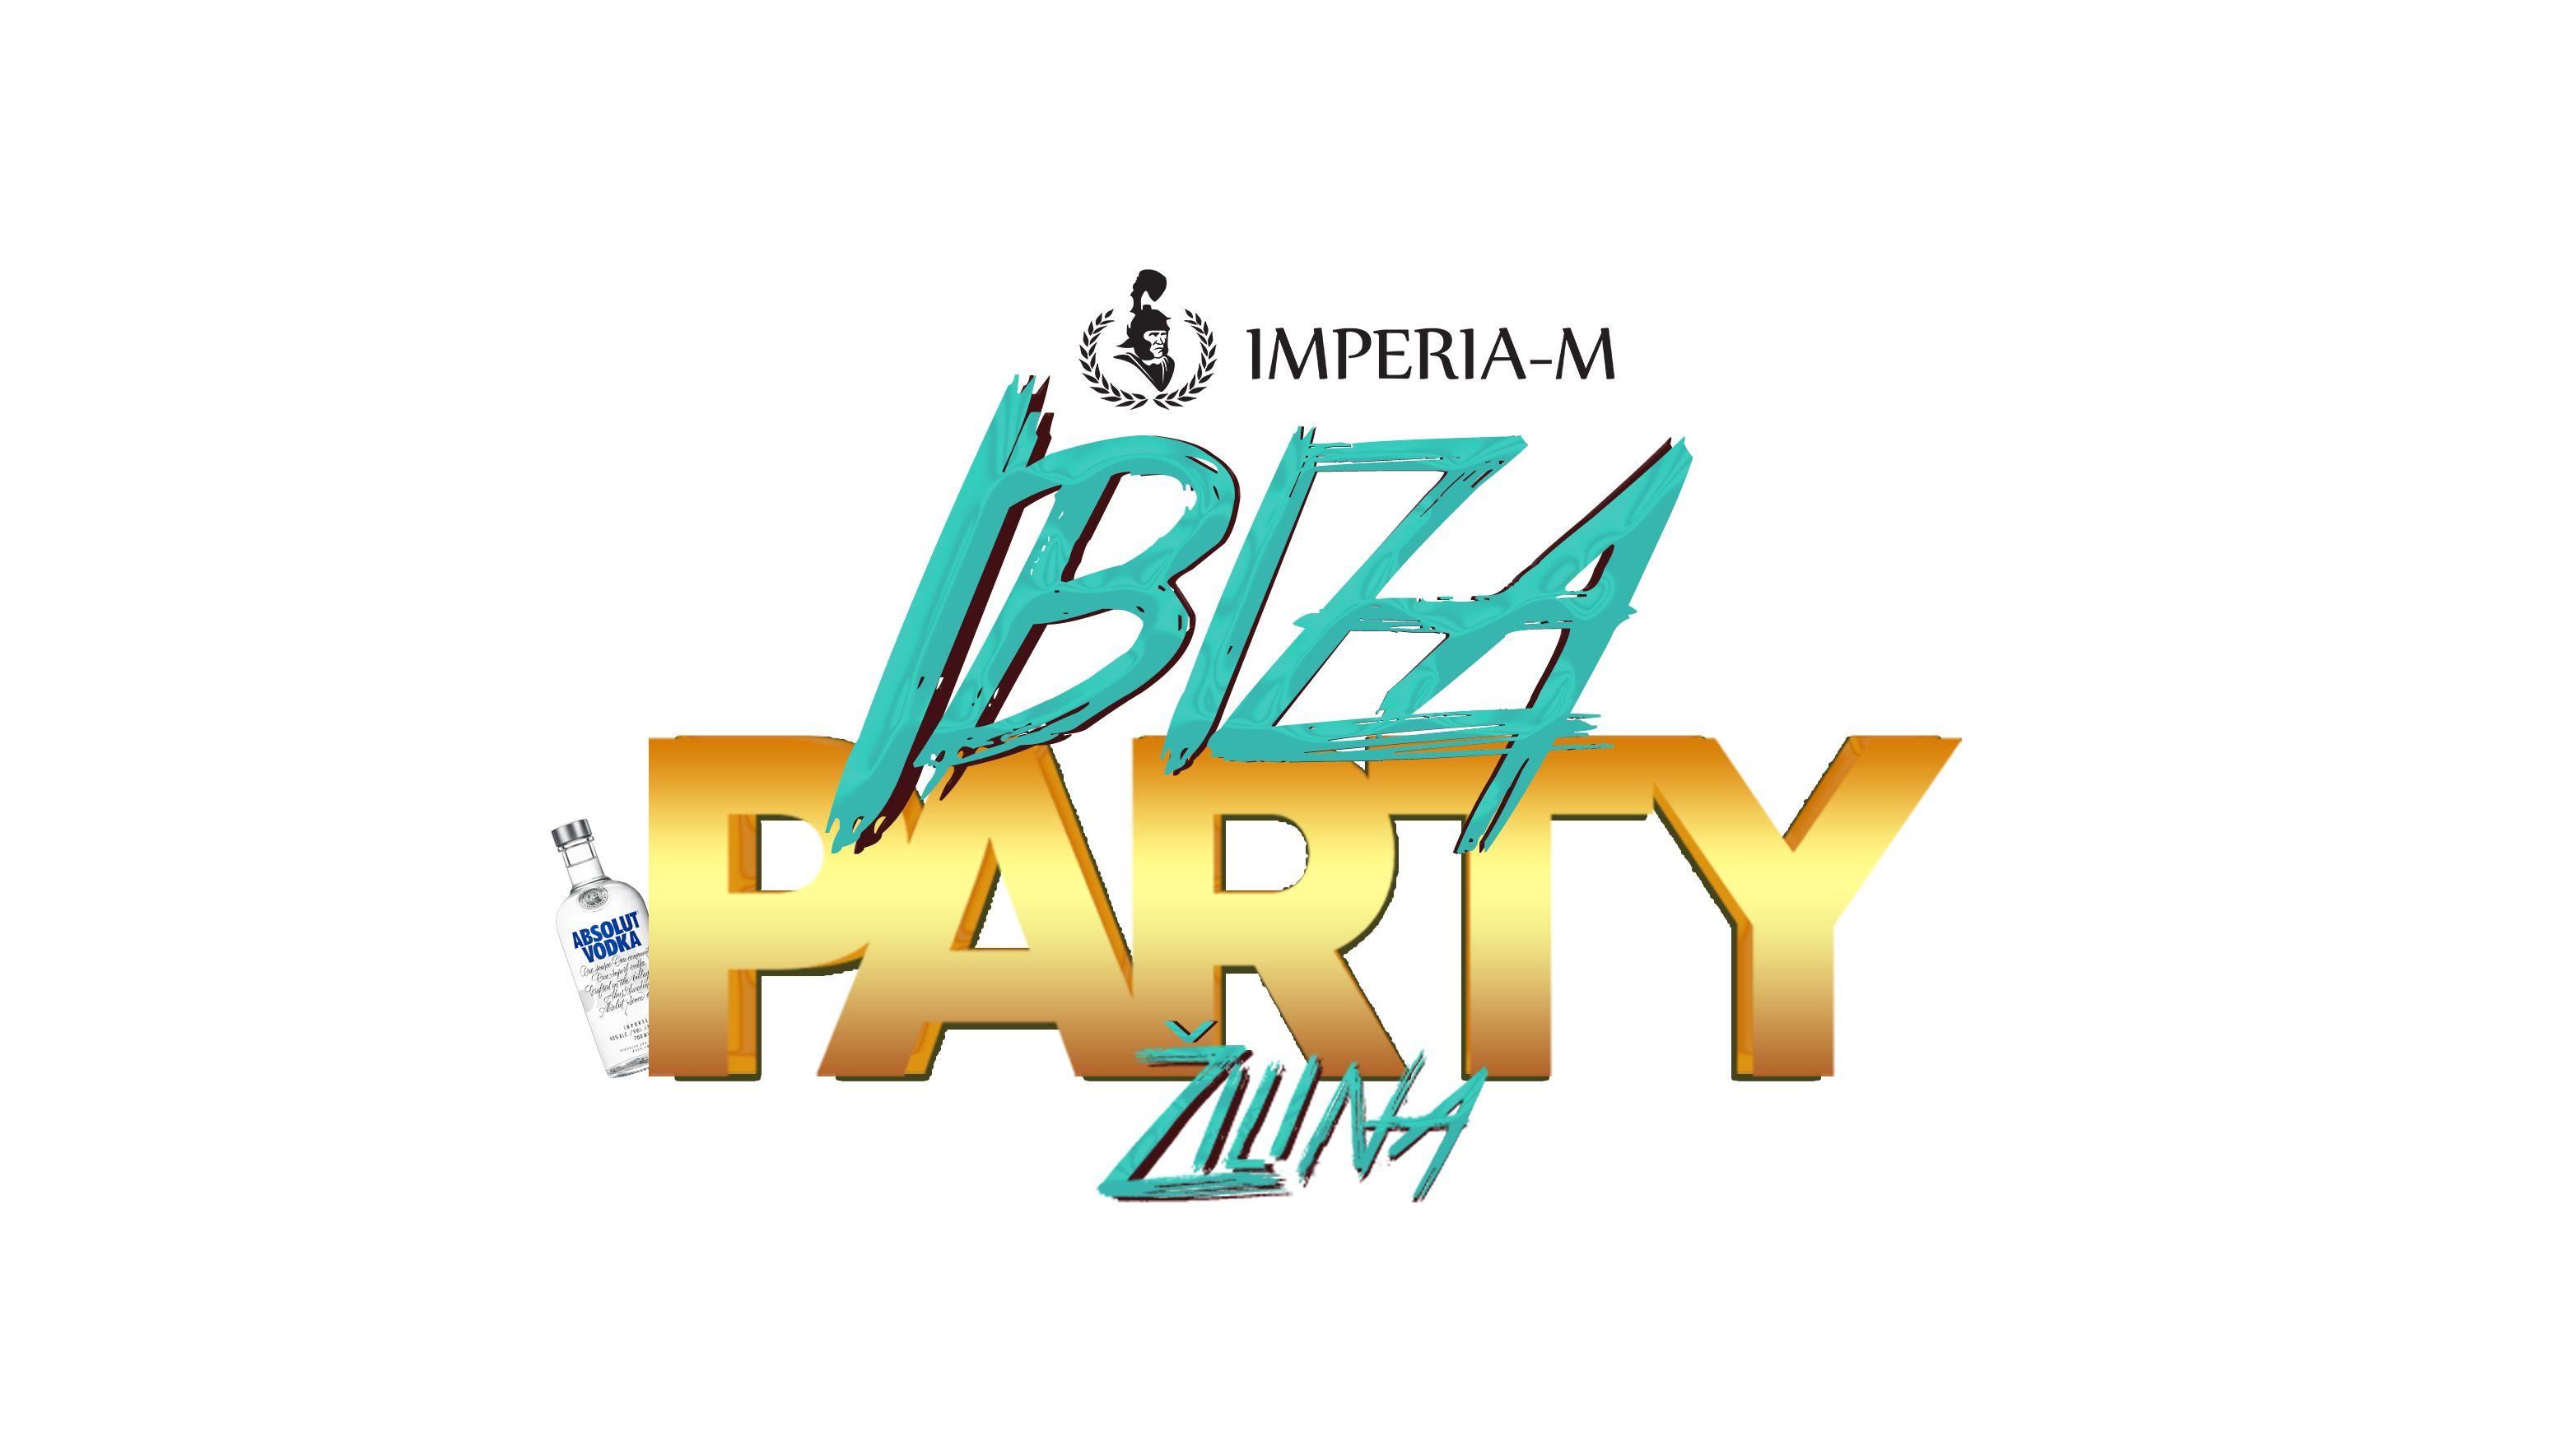 IBIZA PARTY open air Žilina